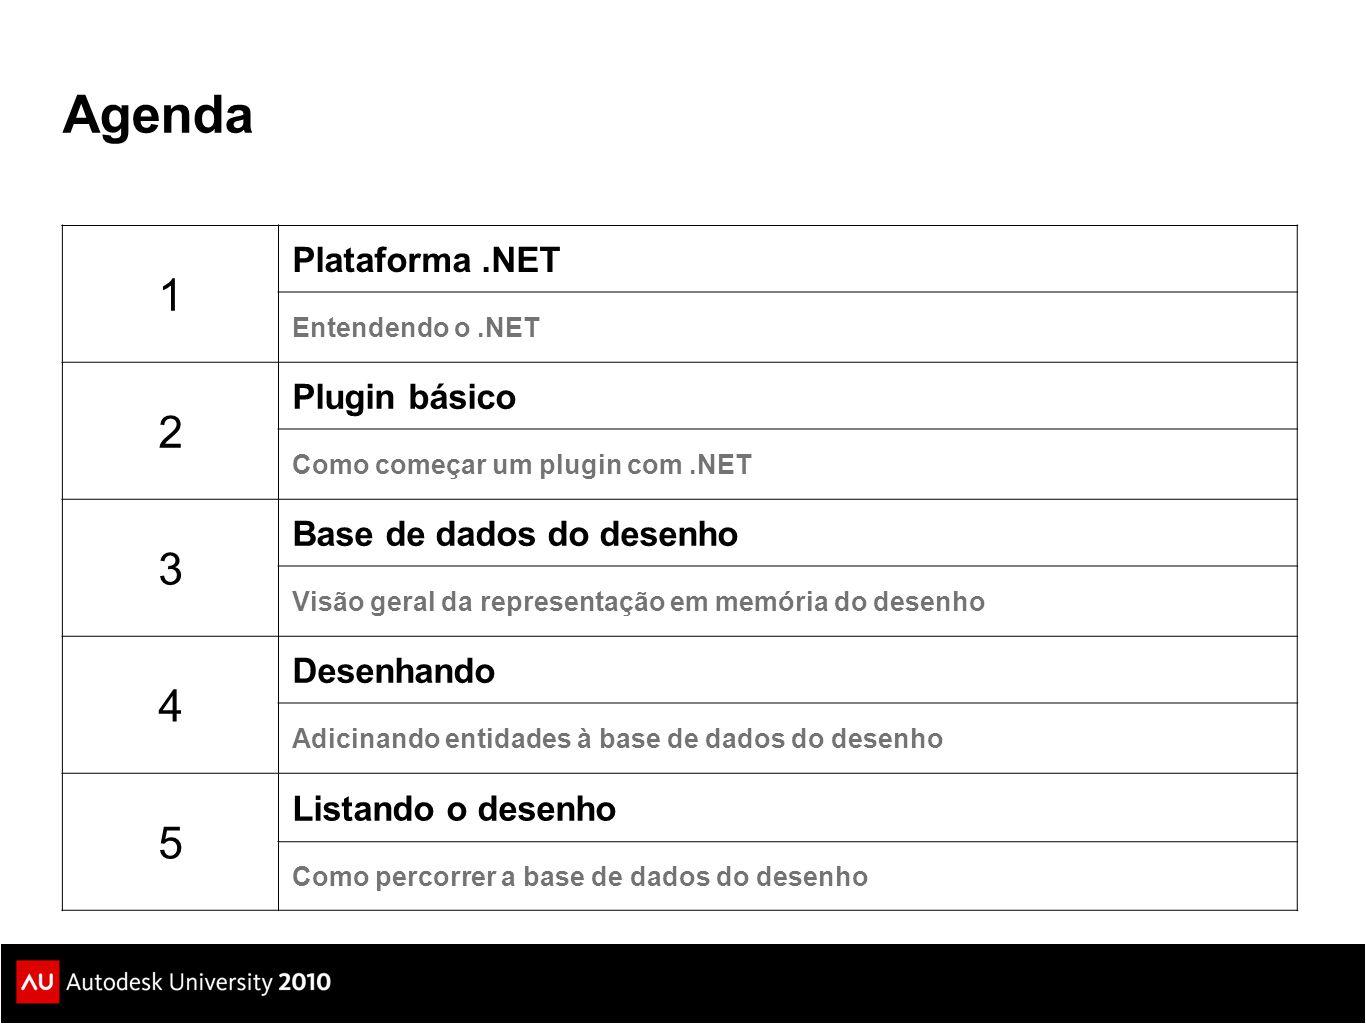 Agenda 1 Plataforma.NET Entendendo o.NET 2 Plugin básico Como começar um plugin com.NET 3 Base de dados do desenho Visão geral da representação em memória do desenho 4 Desenhando Adicinando entidades à base de dados do desenho 5 Listando o desenho Como percorrer a base de dados do desenho